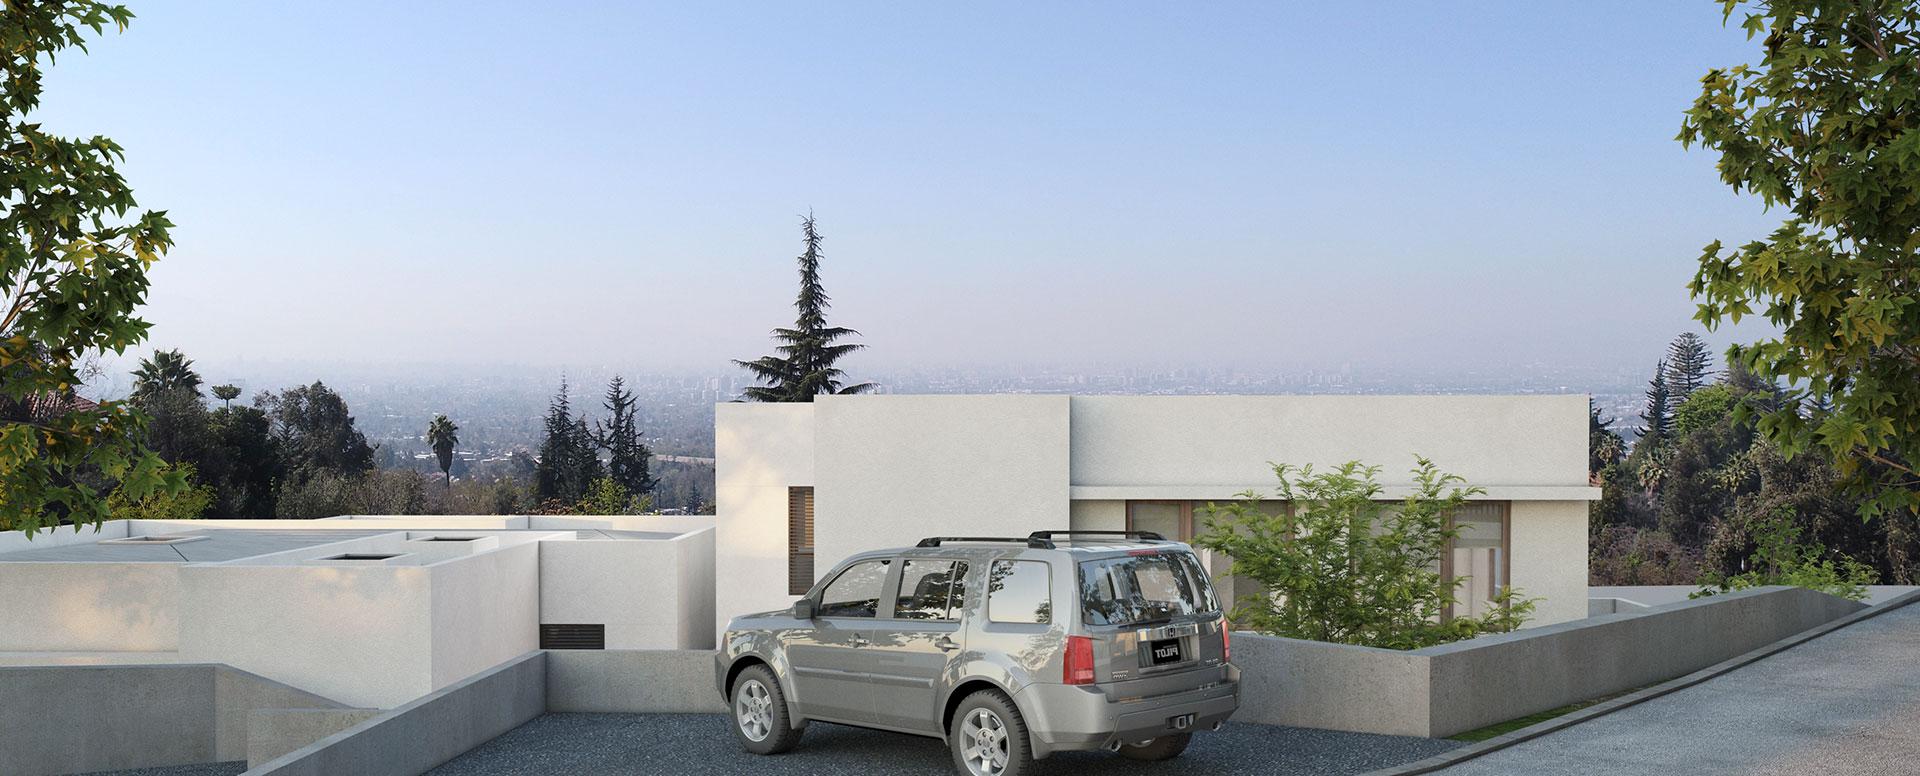 Slide04_Condominio-Don-Alvaro-en-La-Reina